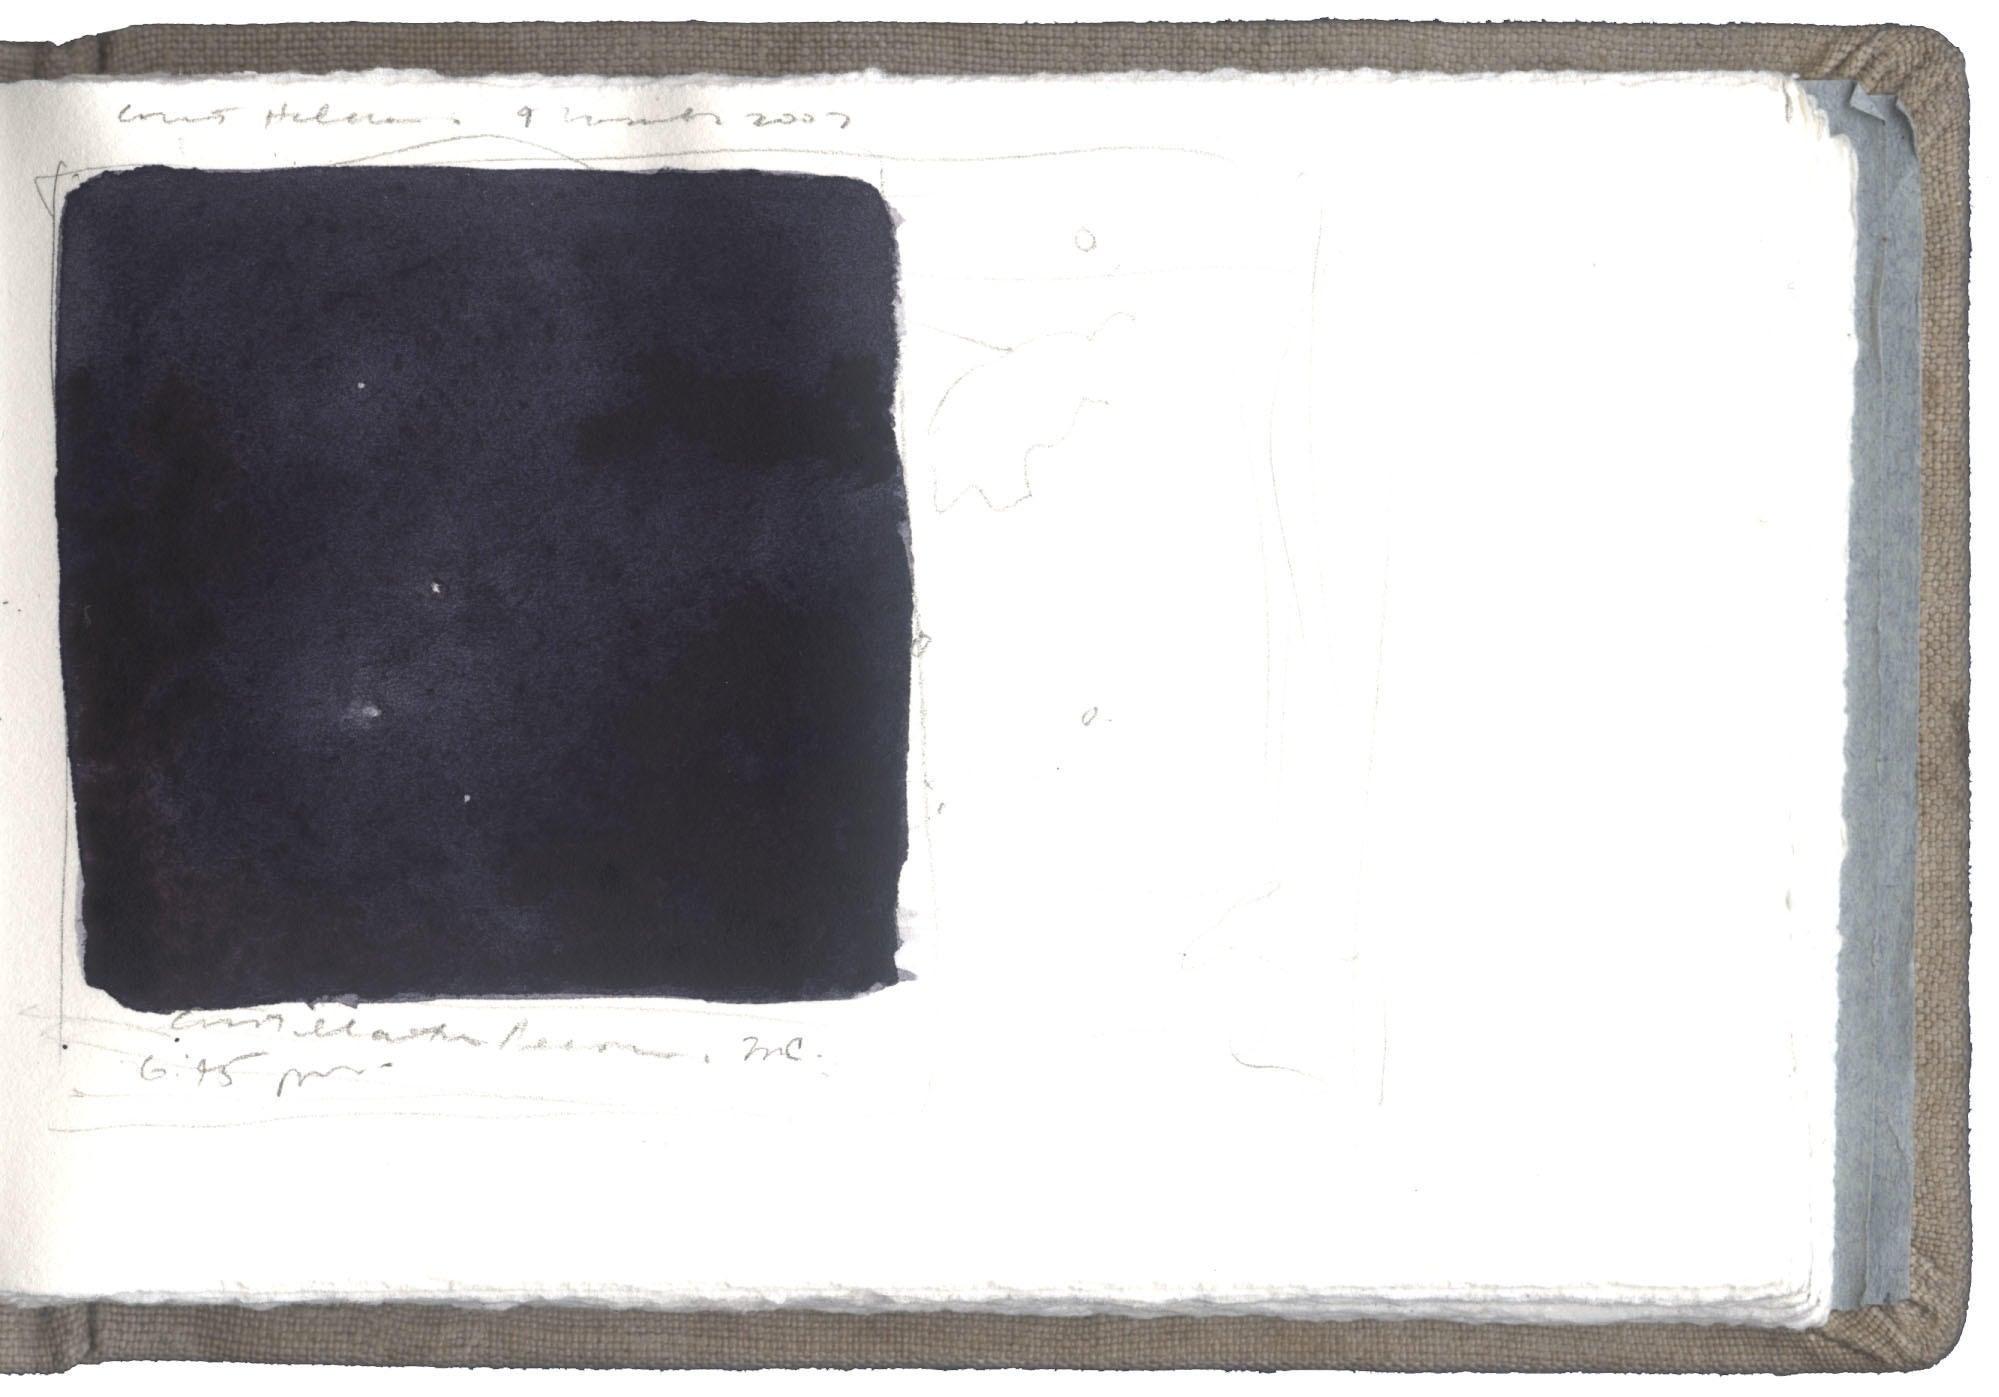 Sketch of Comet Holmes image